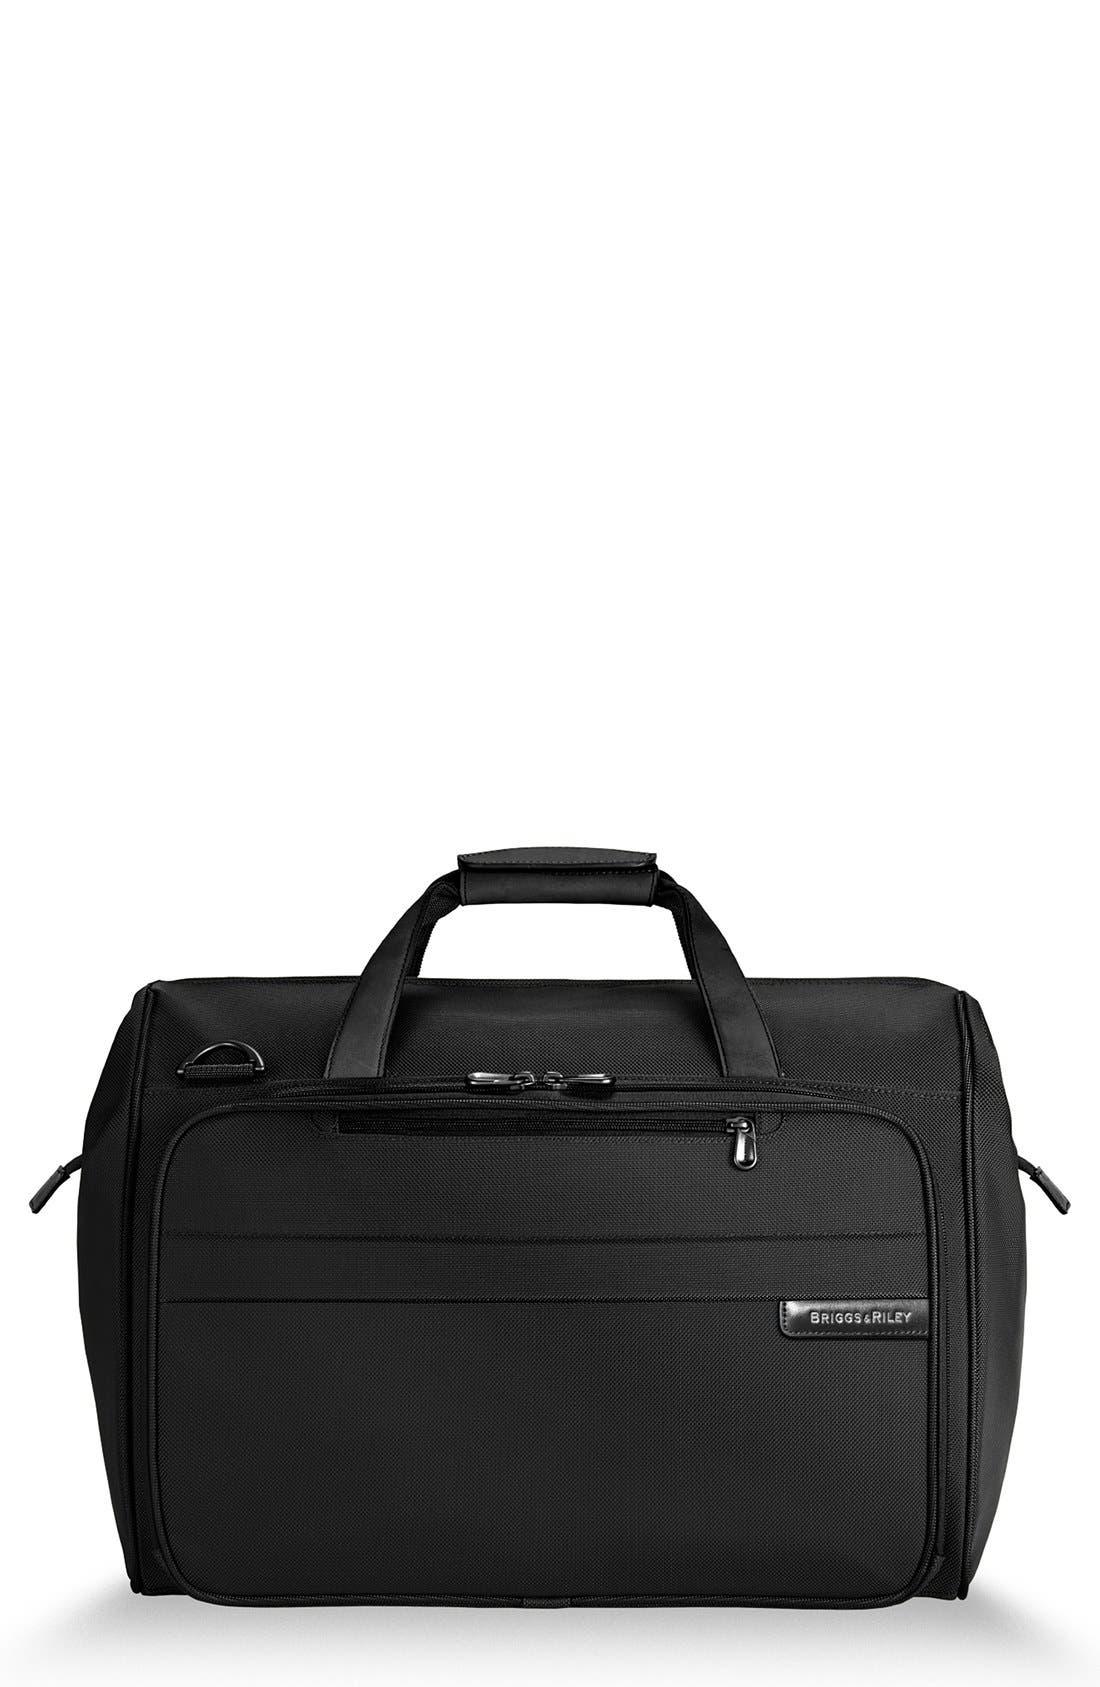 'Baseline' Duffel Bag,                             Main thumbnail 1, color,                             BLACK